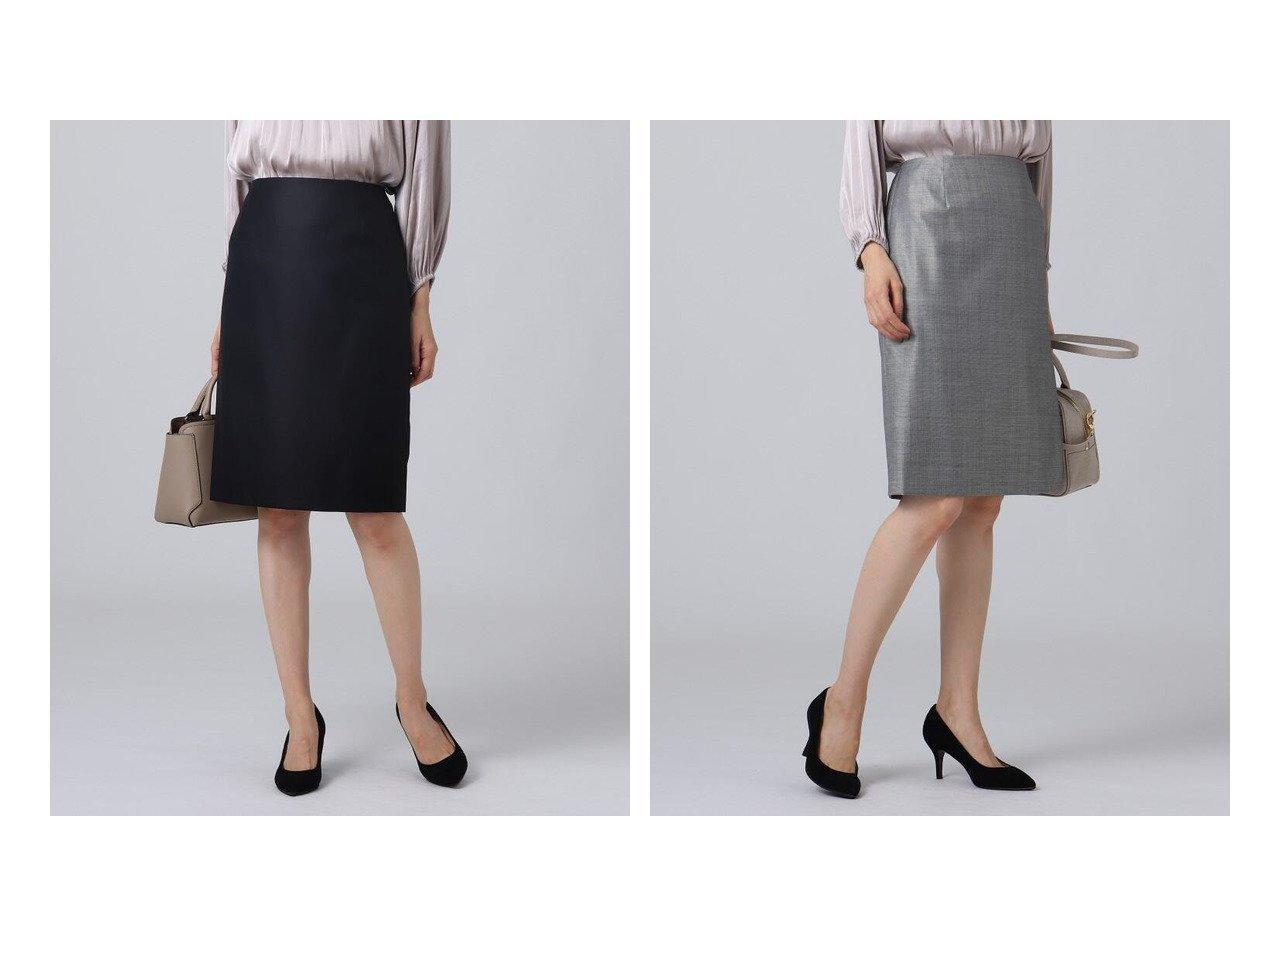 【UNTITLED/アンタイトル】の【抗菌防臭】モンテシャークスキンタイトスカート スカートのおすすめ!人気、トレンド・レディースファッションの通販 おすすめで人気の流行・トレンド、ファッションの通販商品 メンズファッション・キッズファッション・インテリア・家具・レディースファッション・服の通販 founy(ファニー) https://founy.com/ ファッション Fashion レディースファッション WOMEN スカート Skirt スーツ Suits スーツ スカート Skirt シルク ジャケット スーツ タイトスカート フォーマル ポケット 抗菌 |ID:crp329100000013422